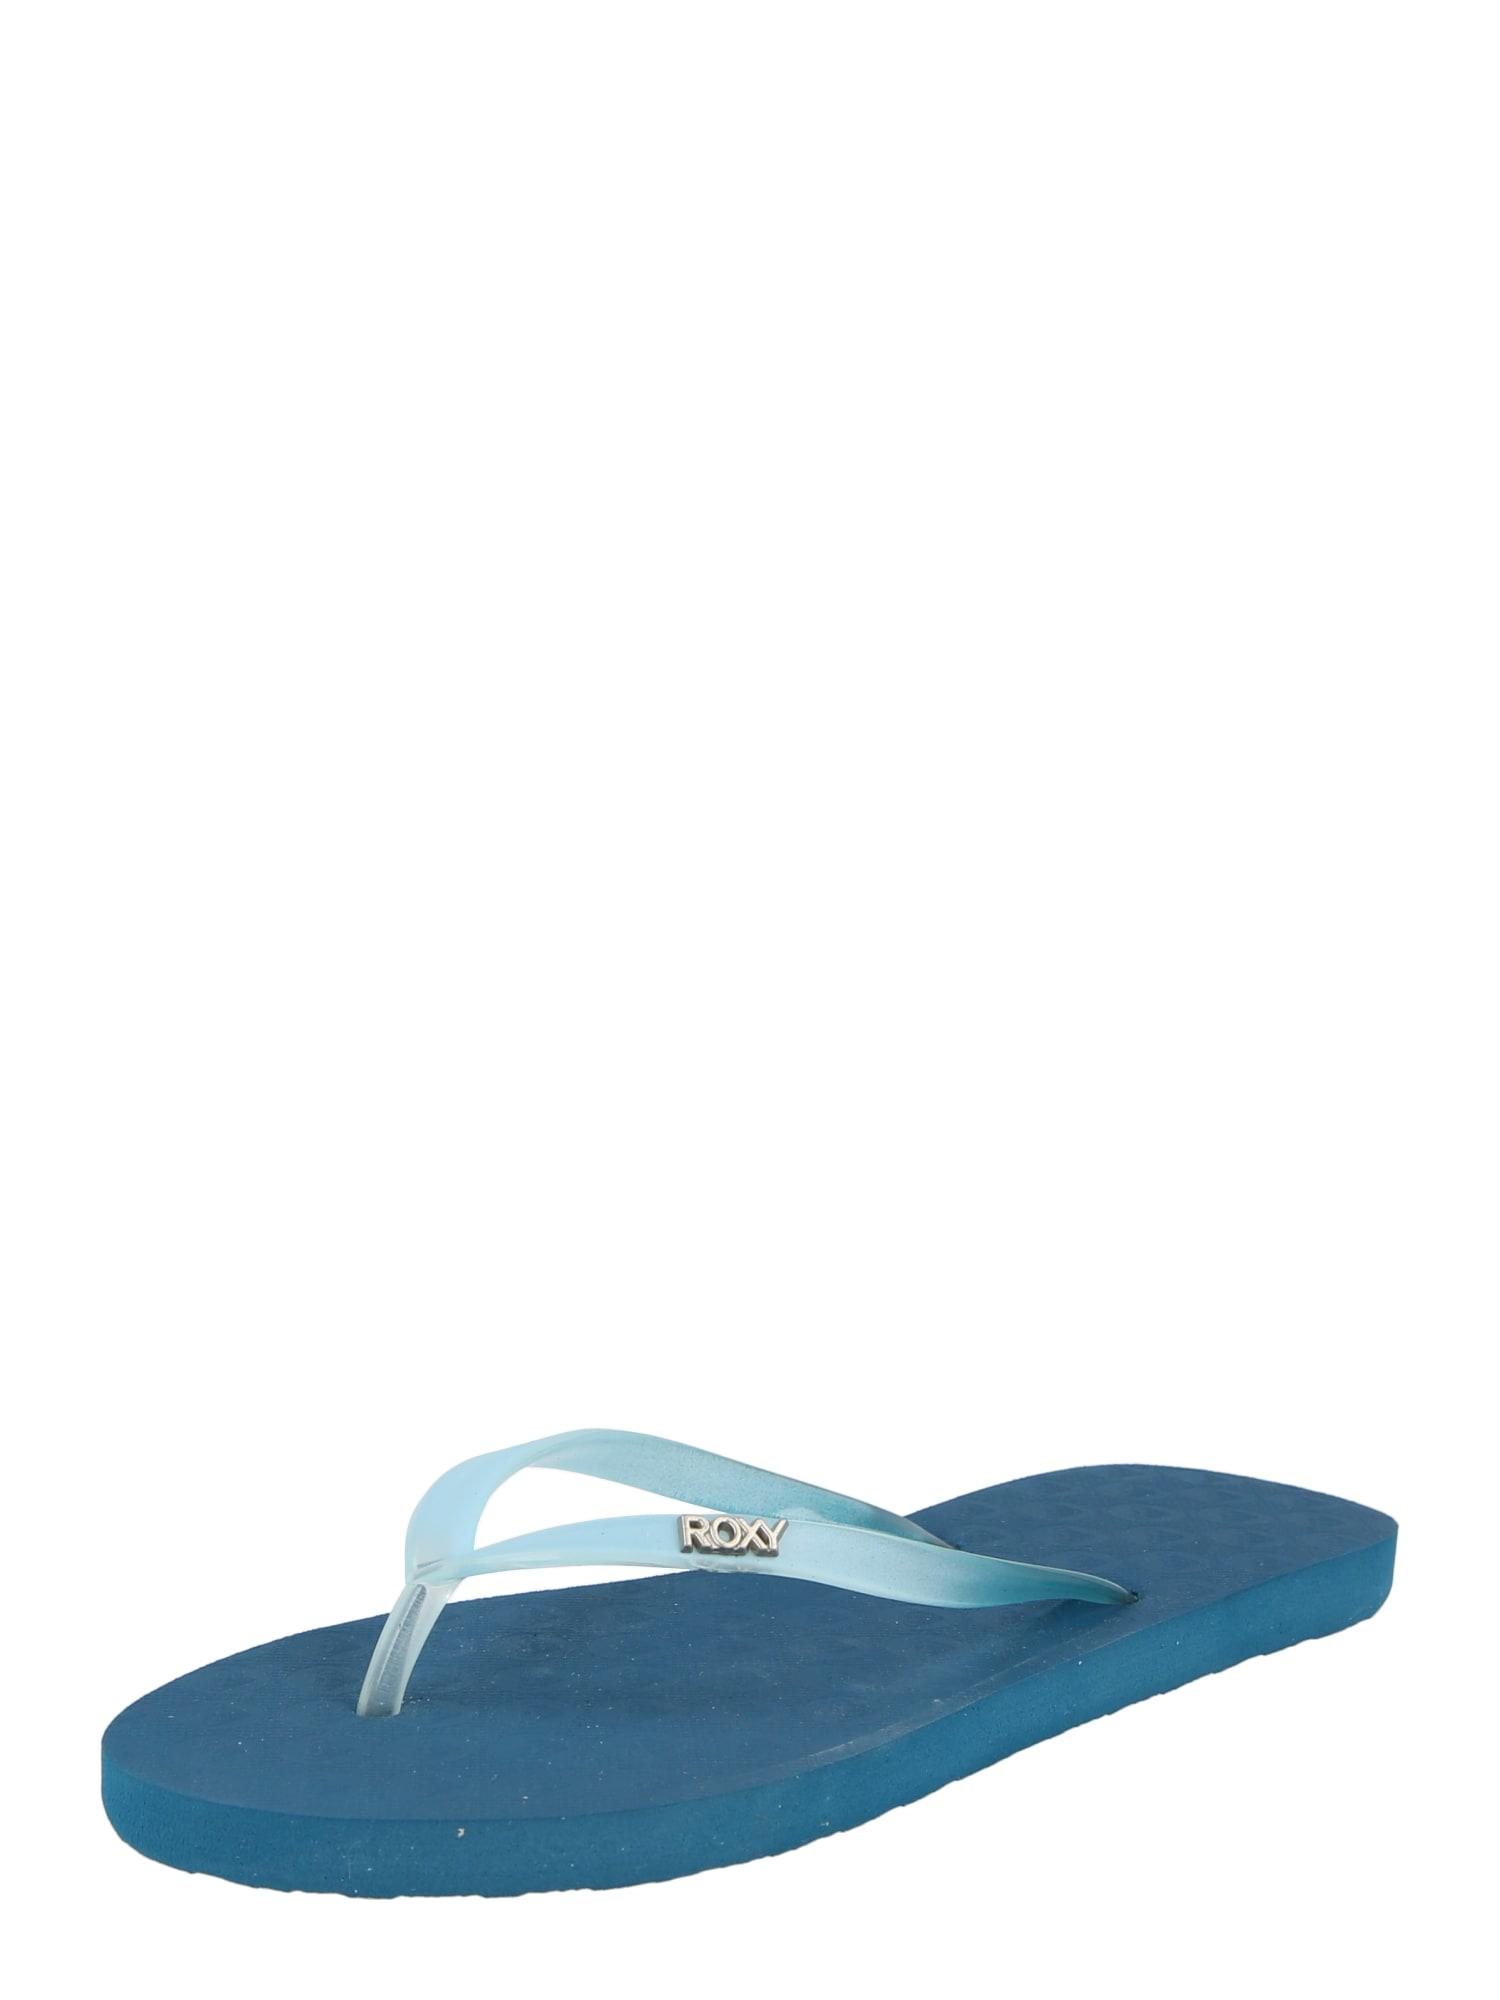 ROXY Séparateur d'orteils 'VIVA'  - Bleu - Taille: 8 - female